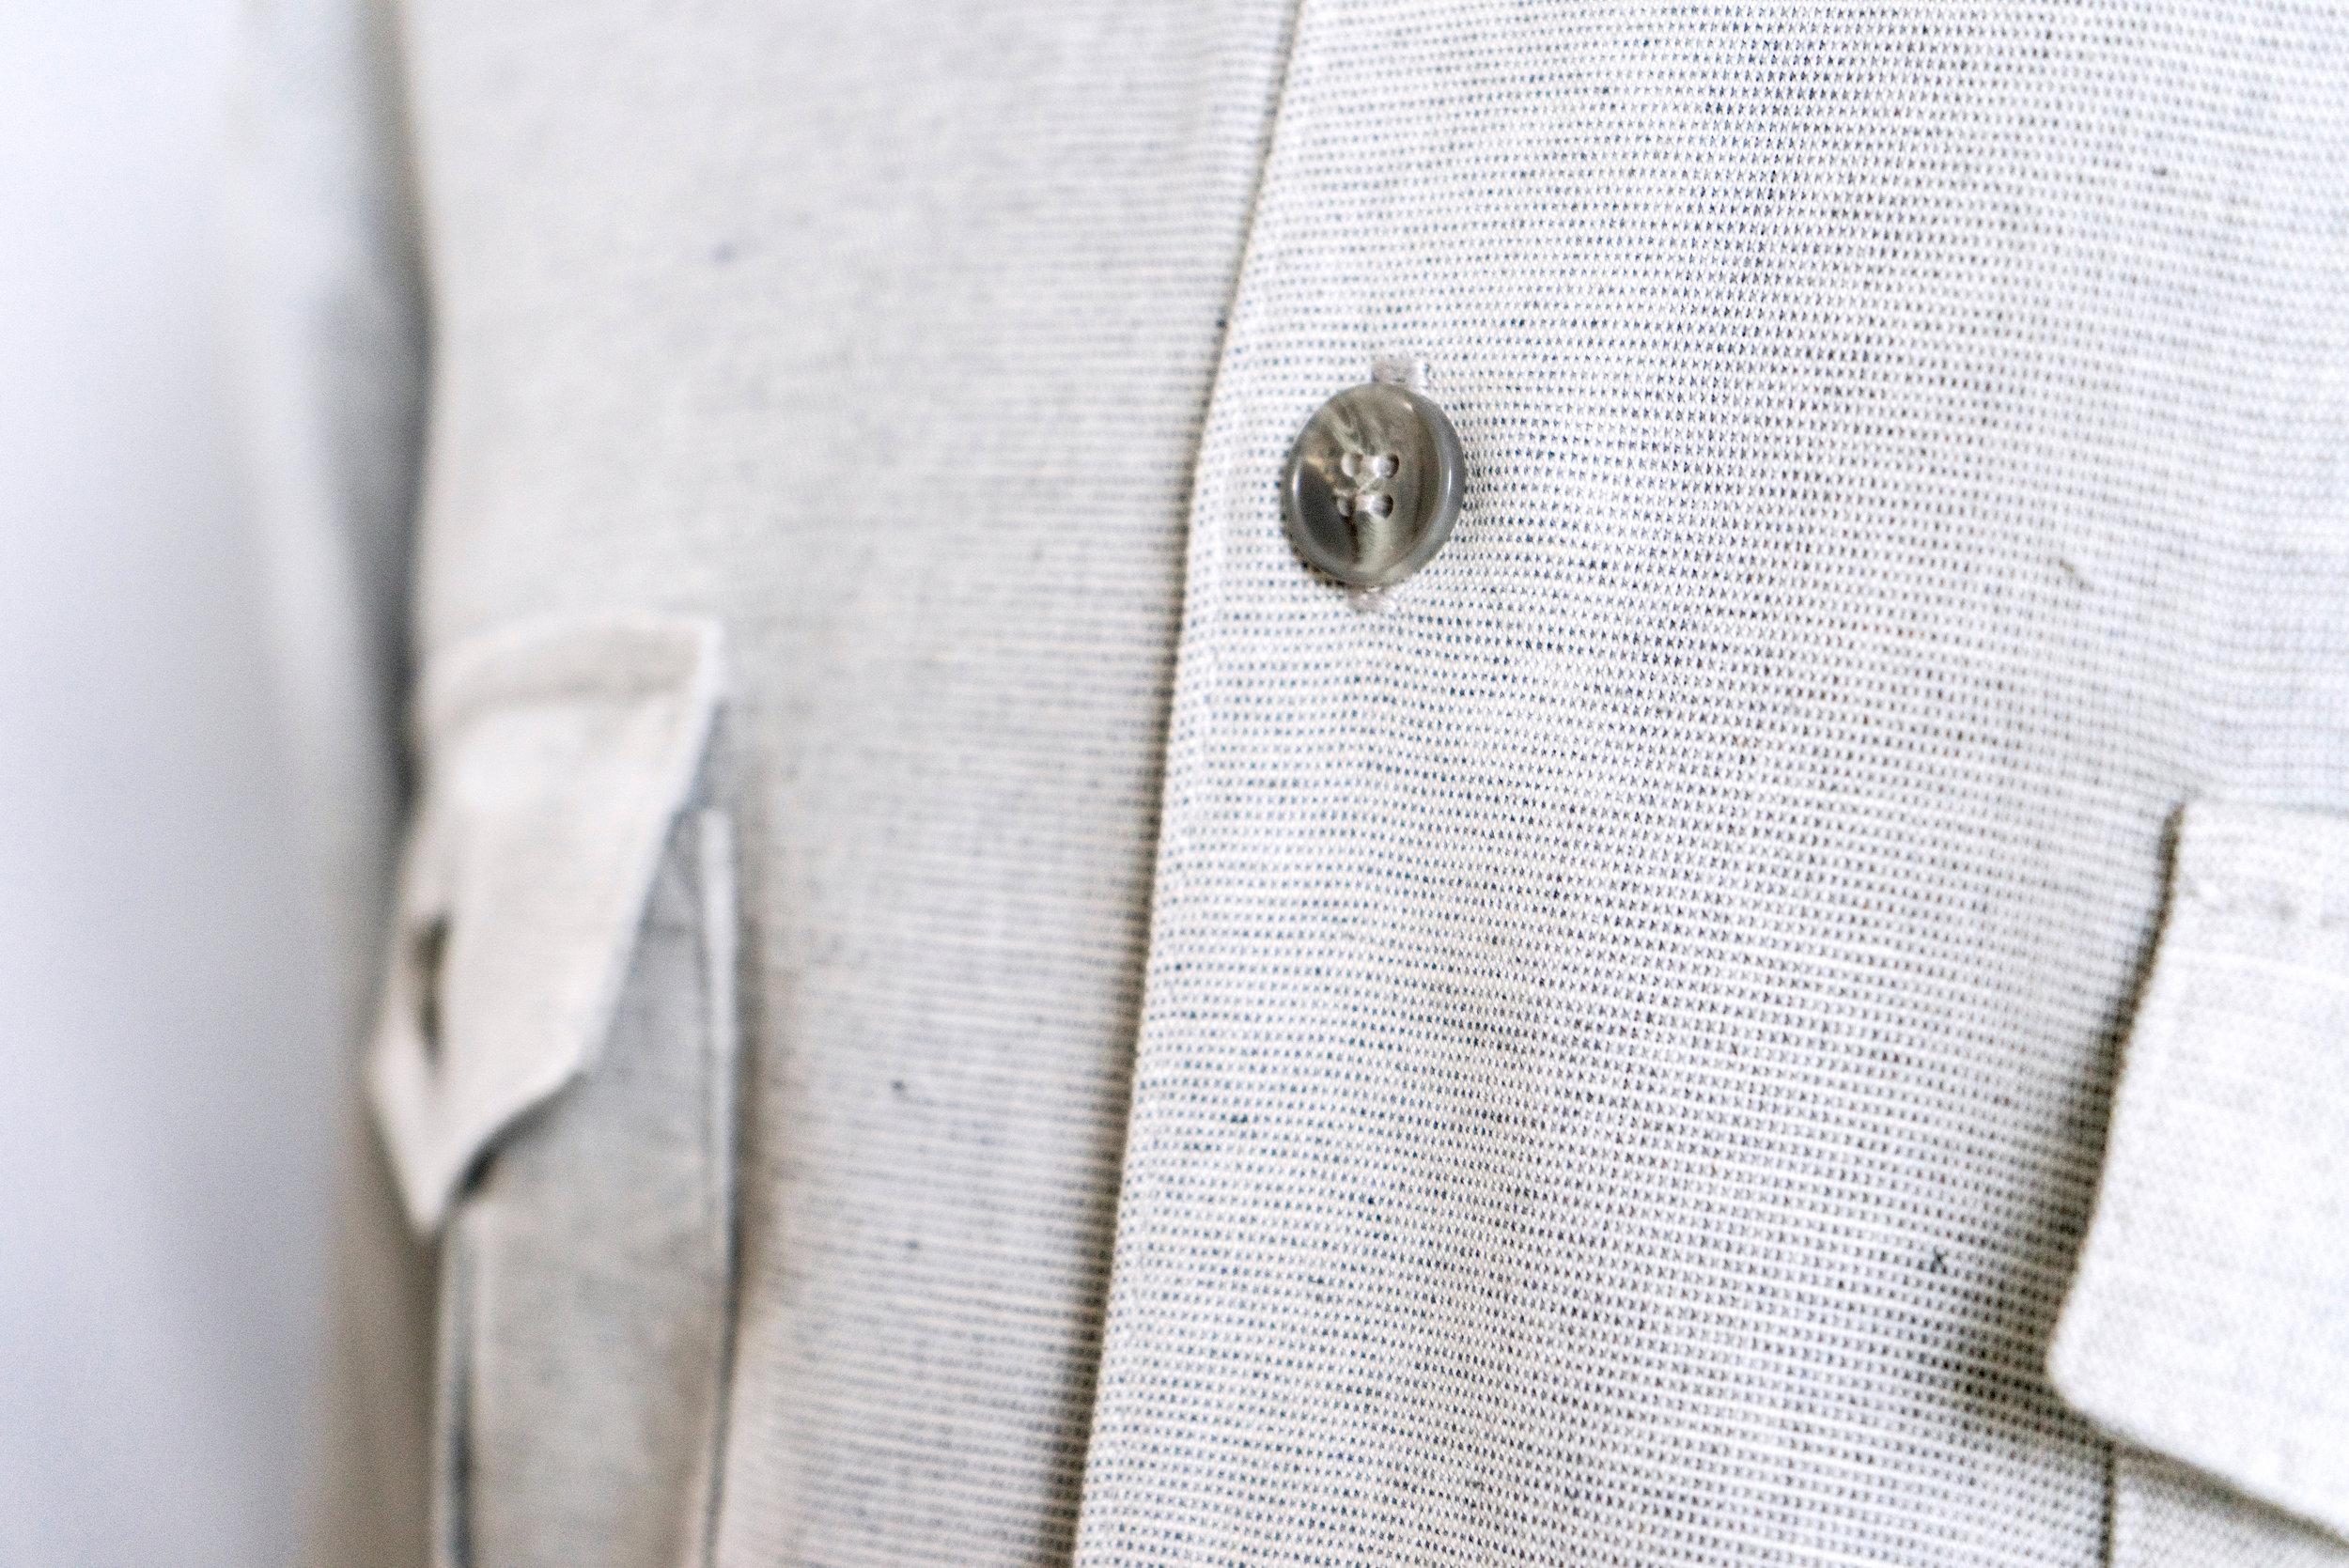 Linen suit fabric